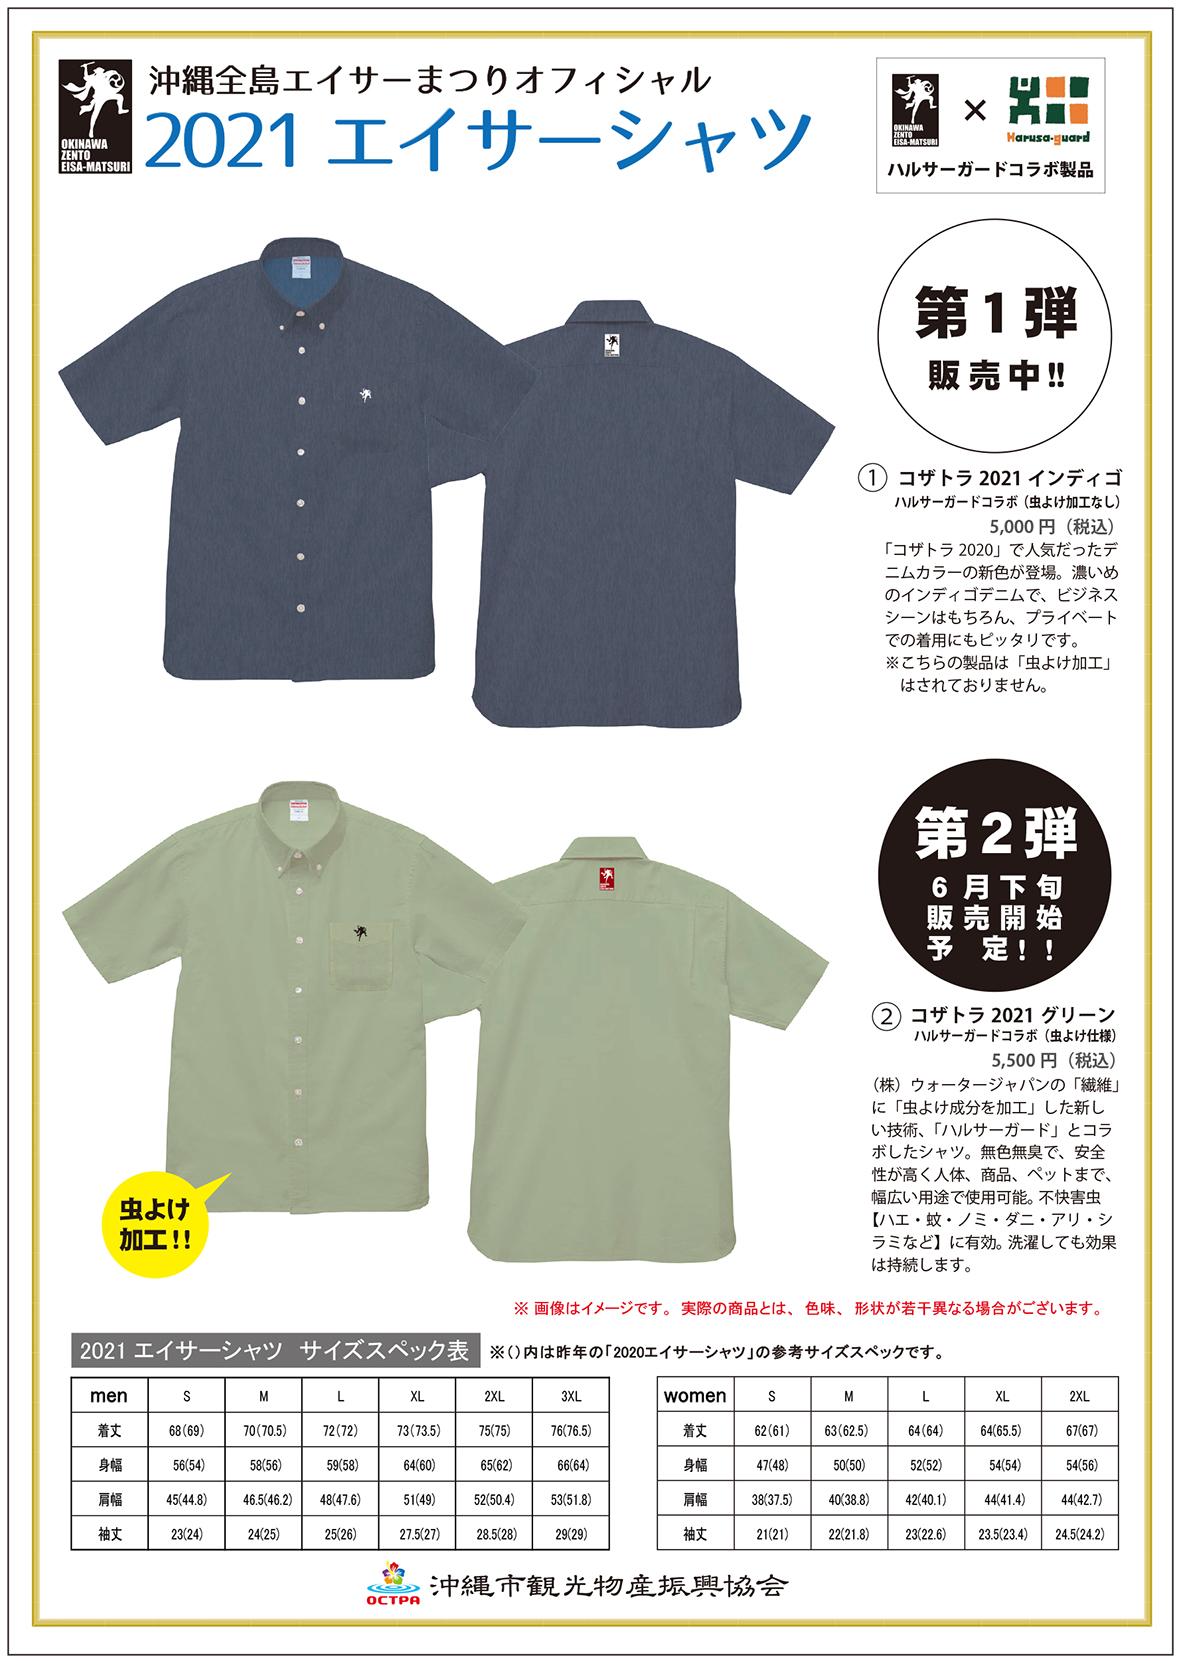 2021エイサーシャツ